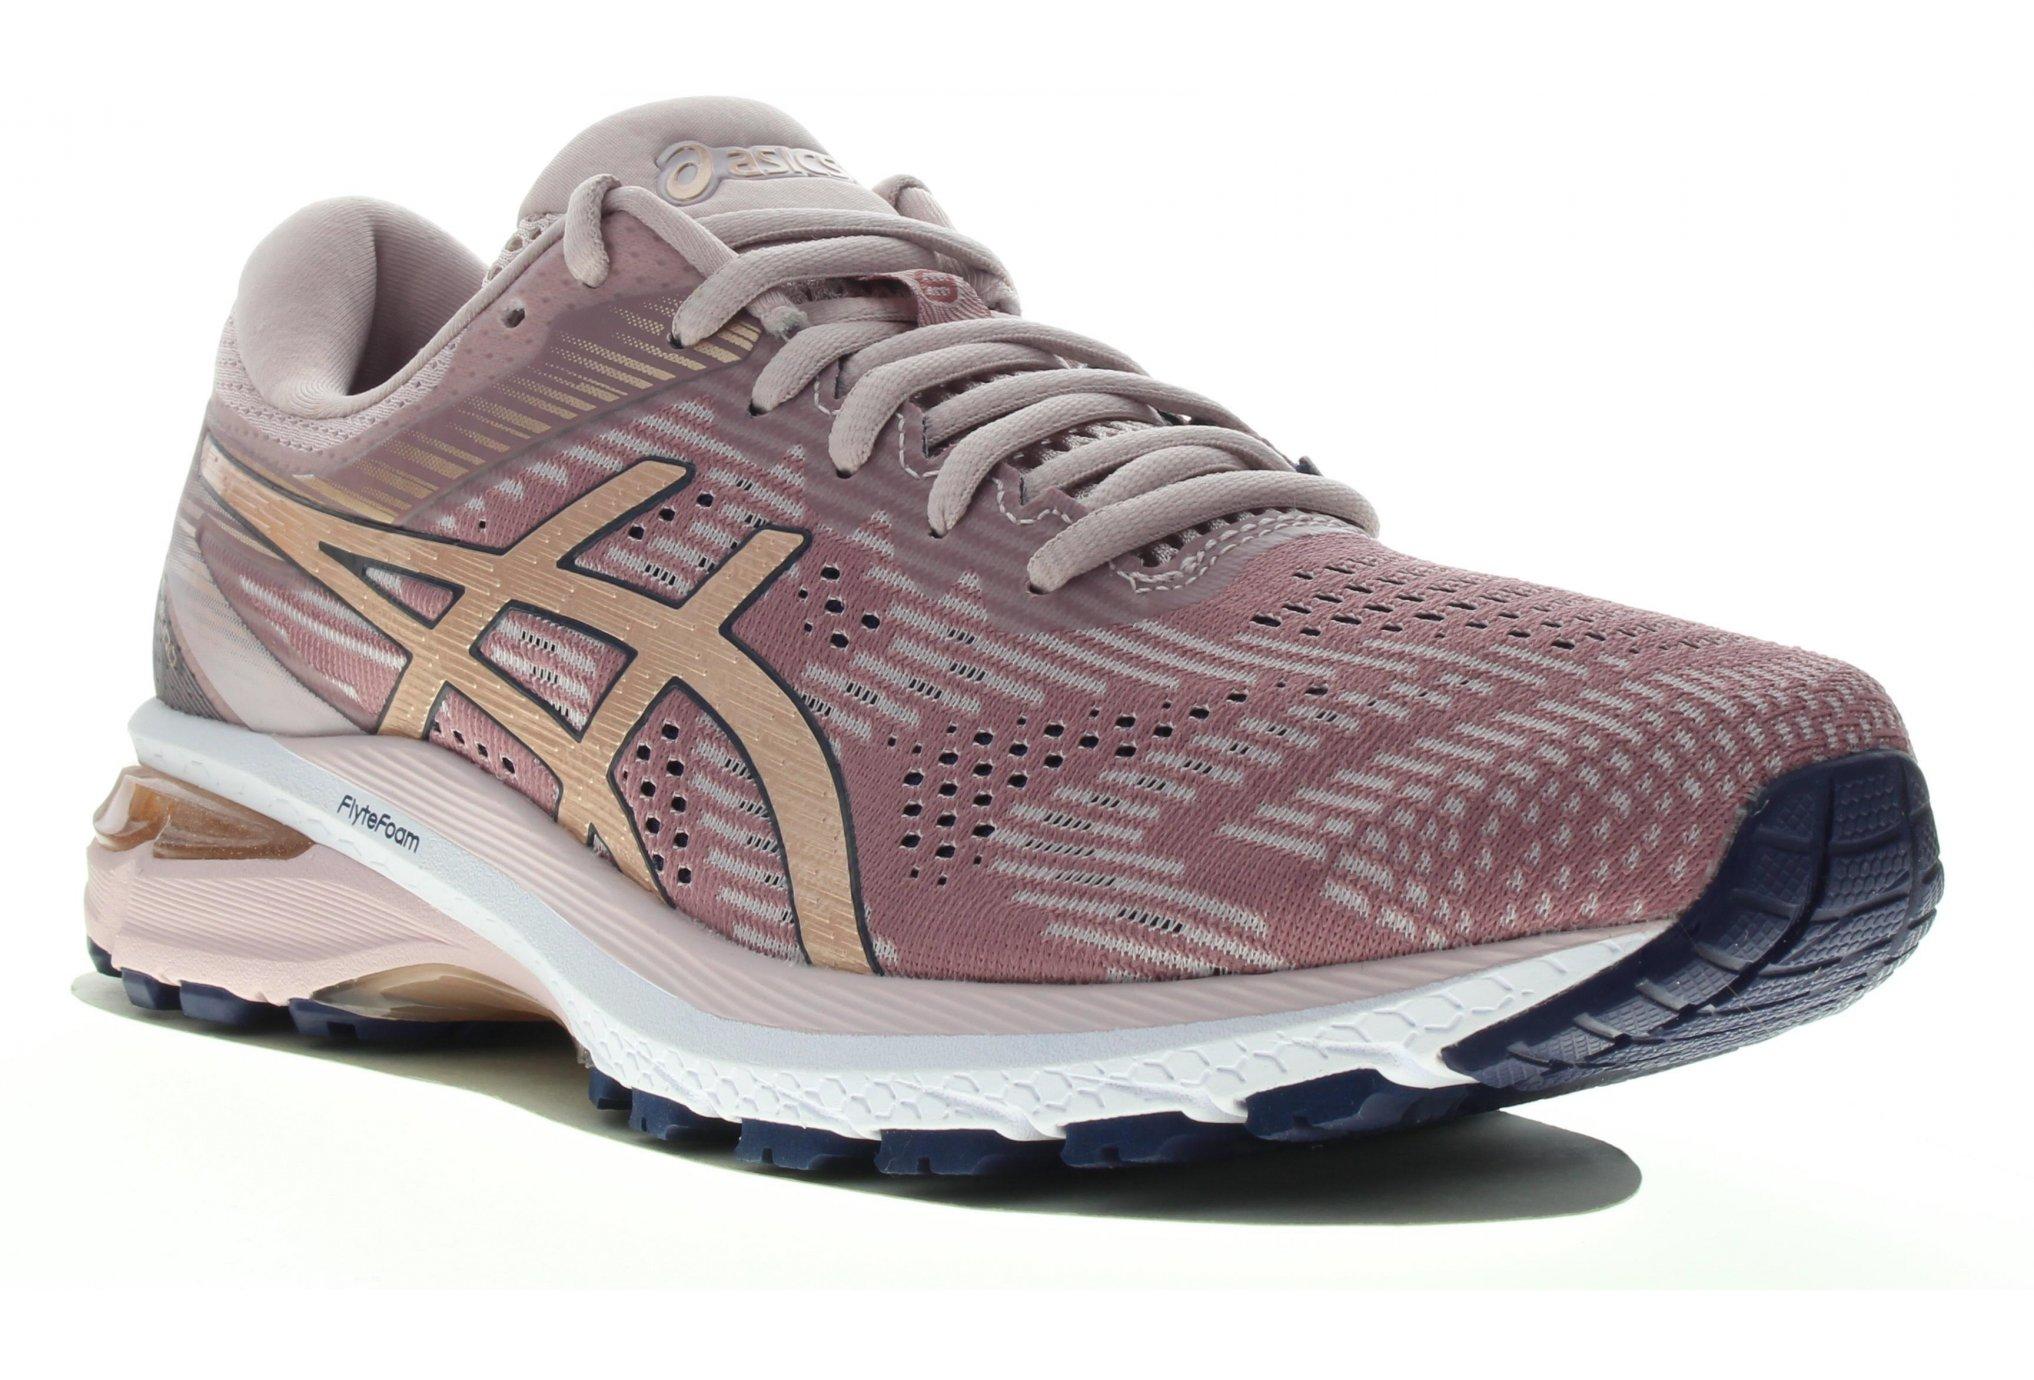 Asics GT-2000 8 Chaussures running femme